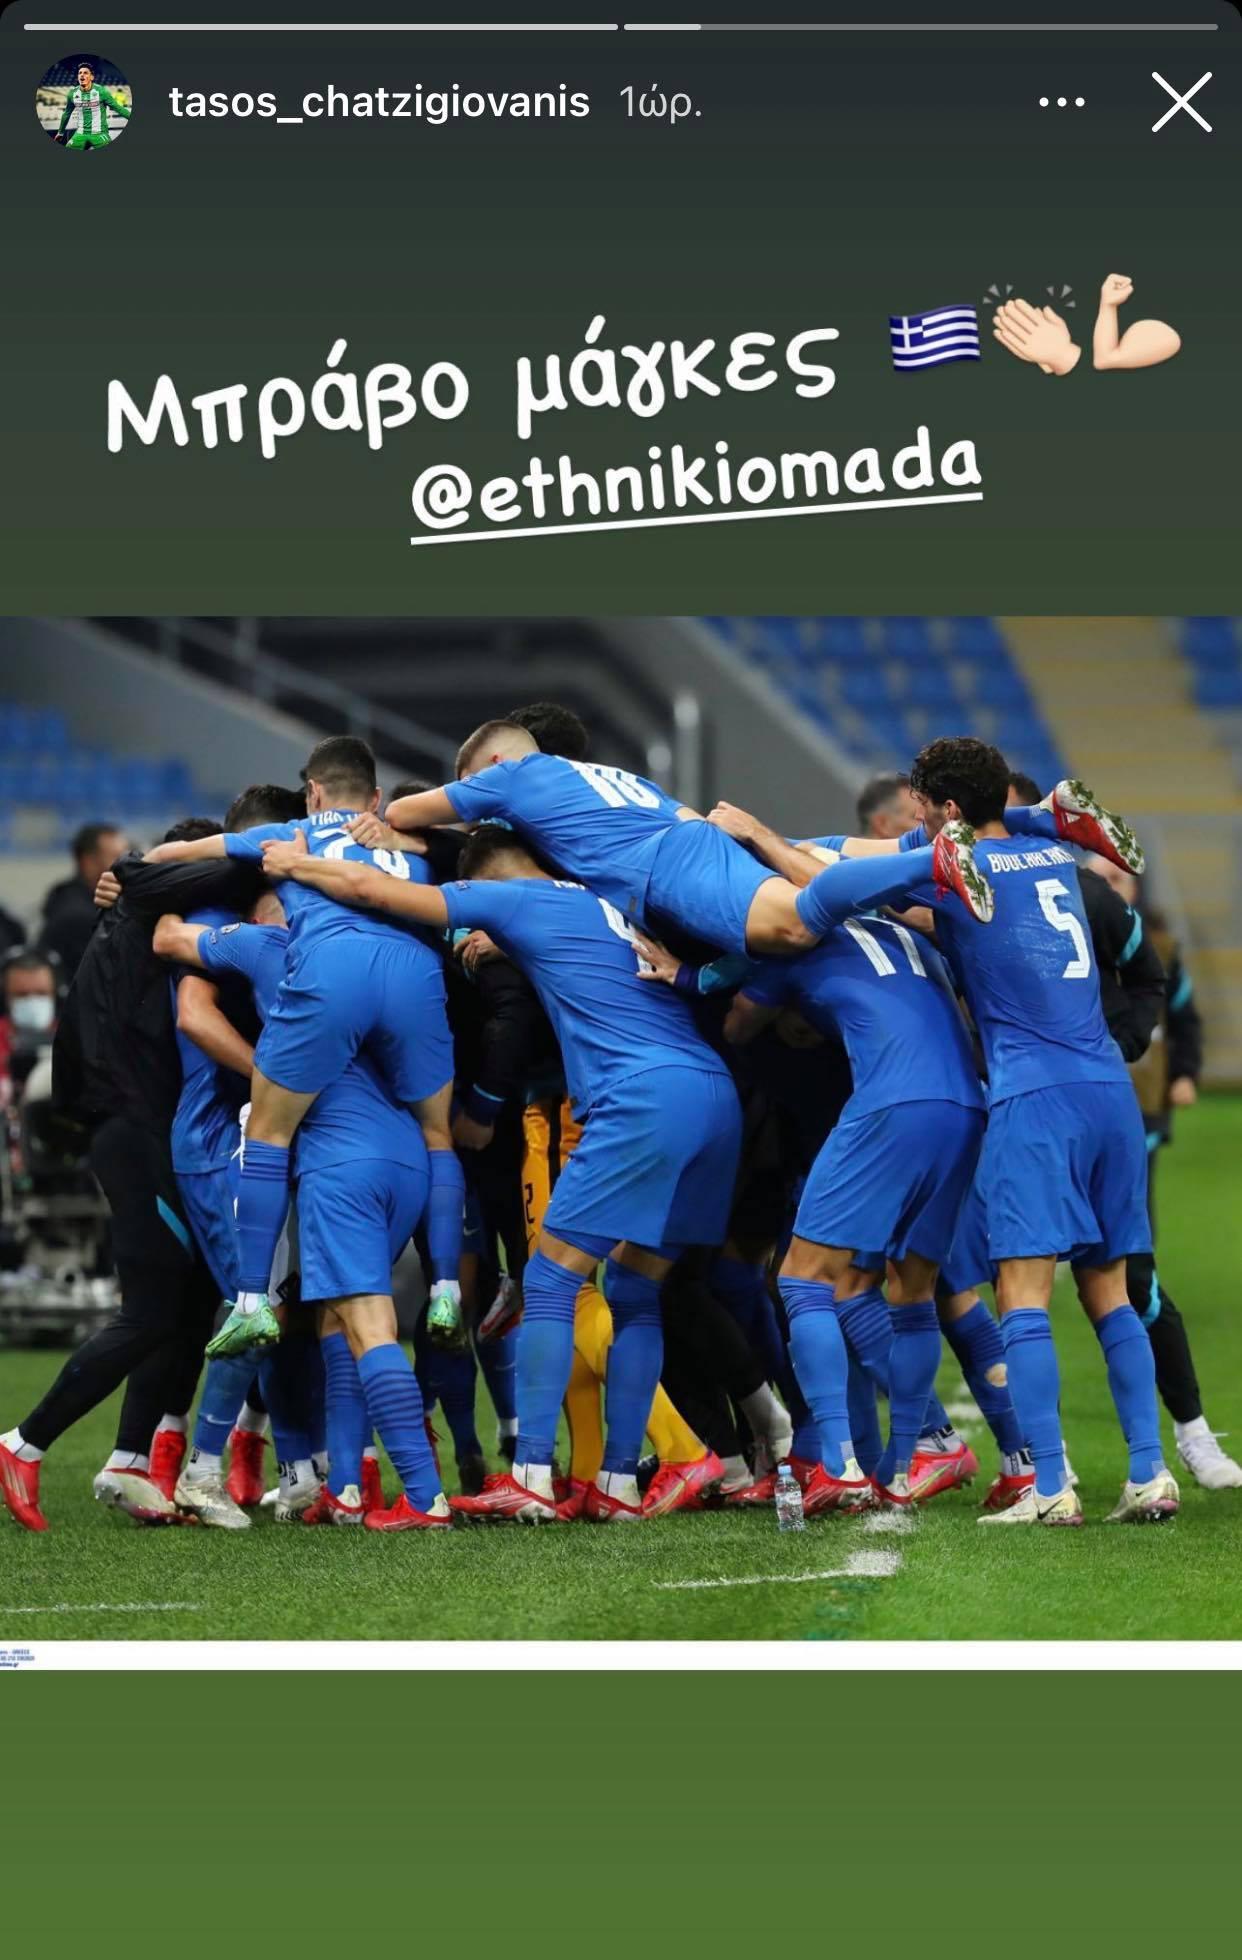 Το «μπράβο μάγκες» του Χατζηγιοβάνη για την Εθνική! (pic)